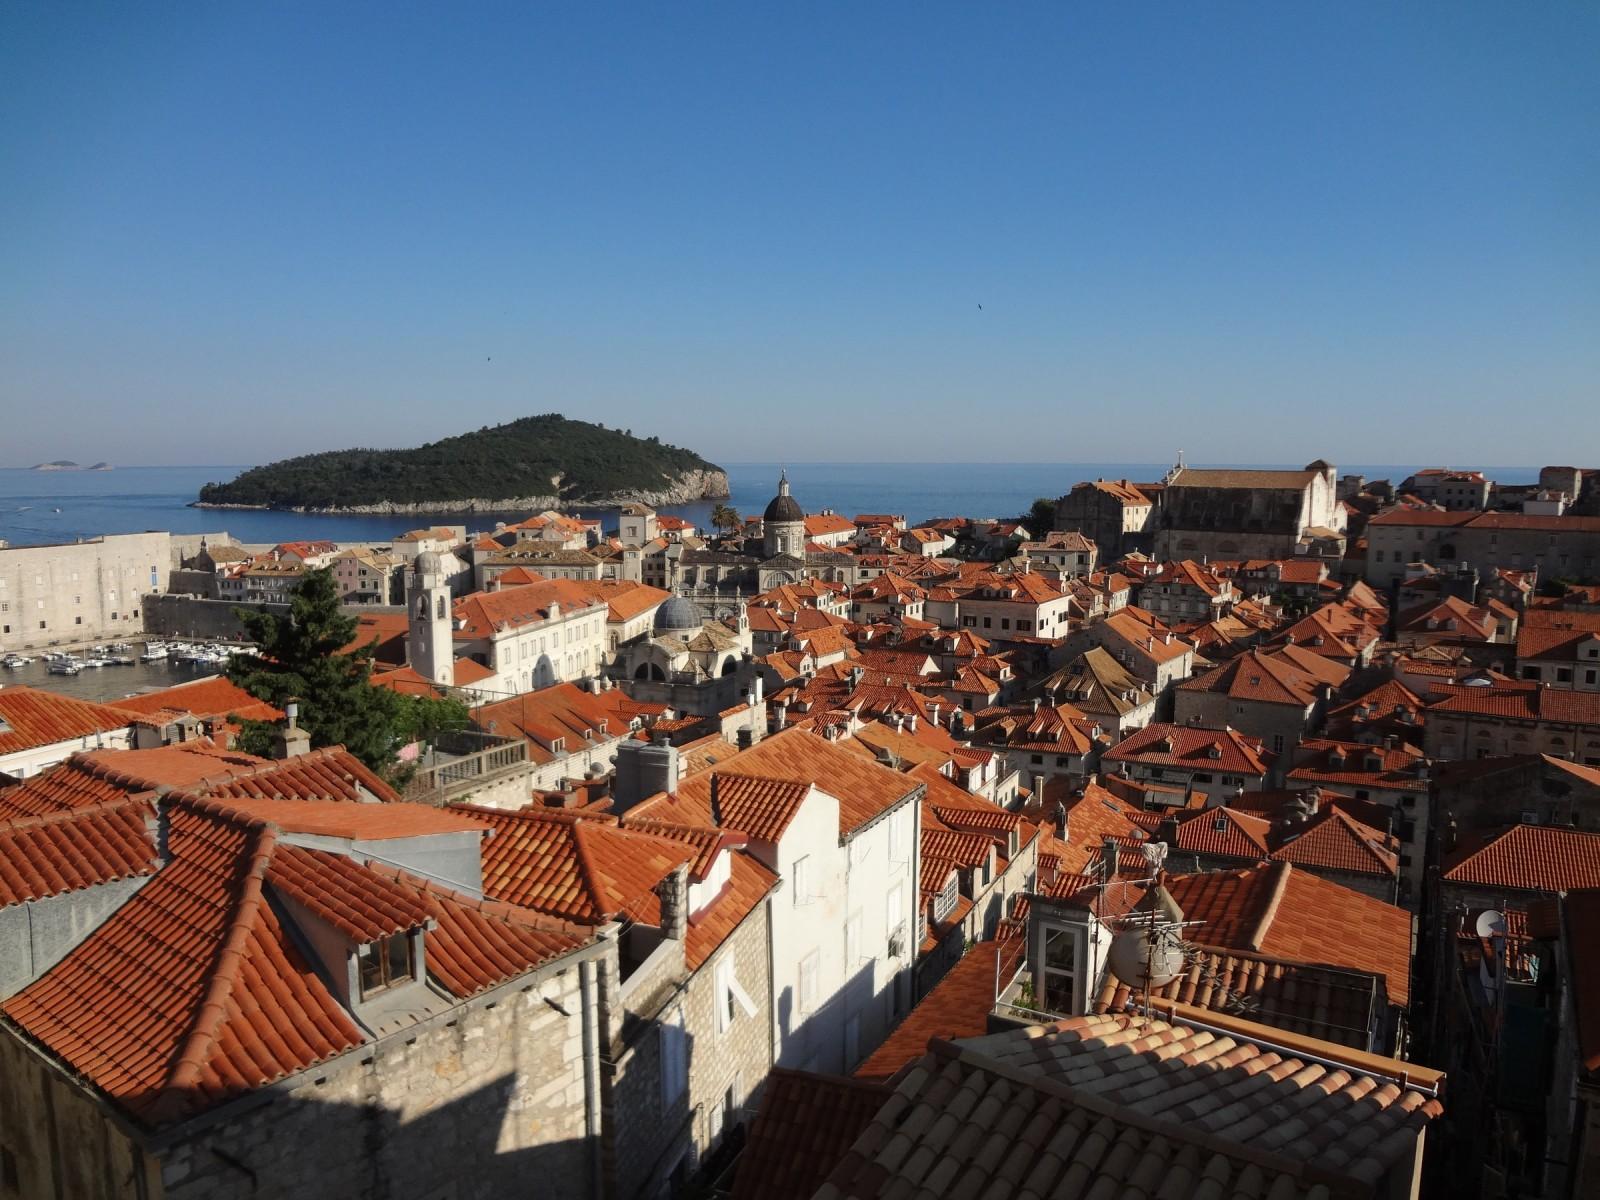 Odluke Gradonačelnika vezane uz popunjavanje upitnika o fiskalnoj odgovornosti Grada Dubrovnika